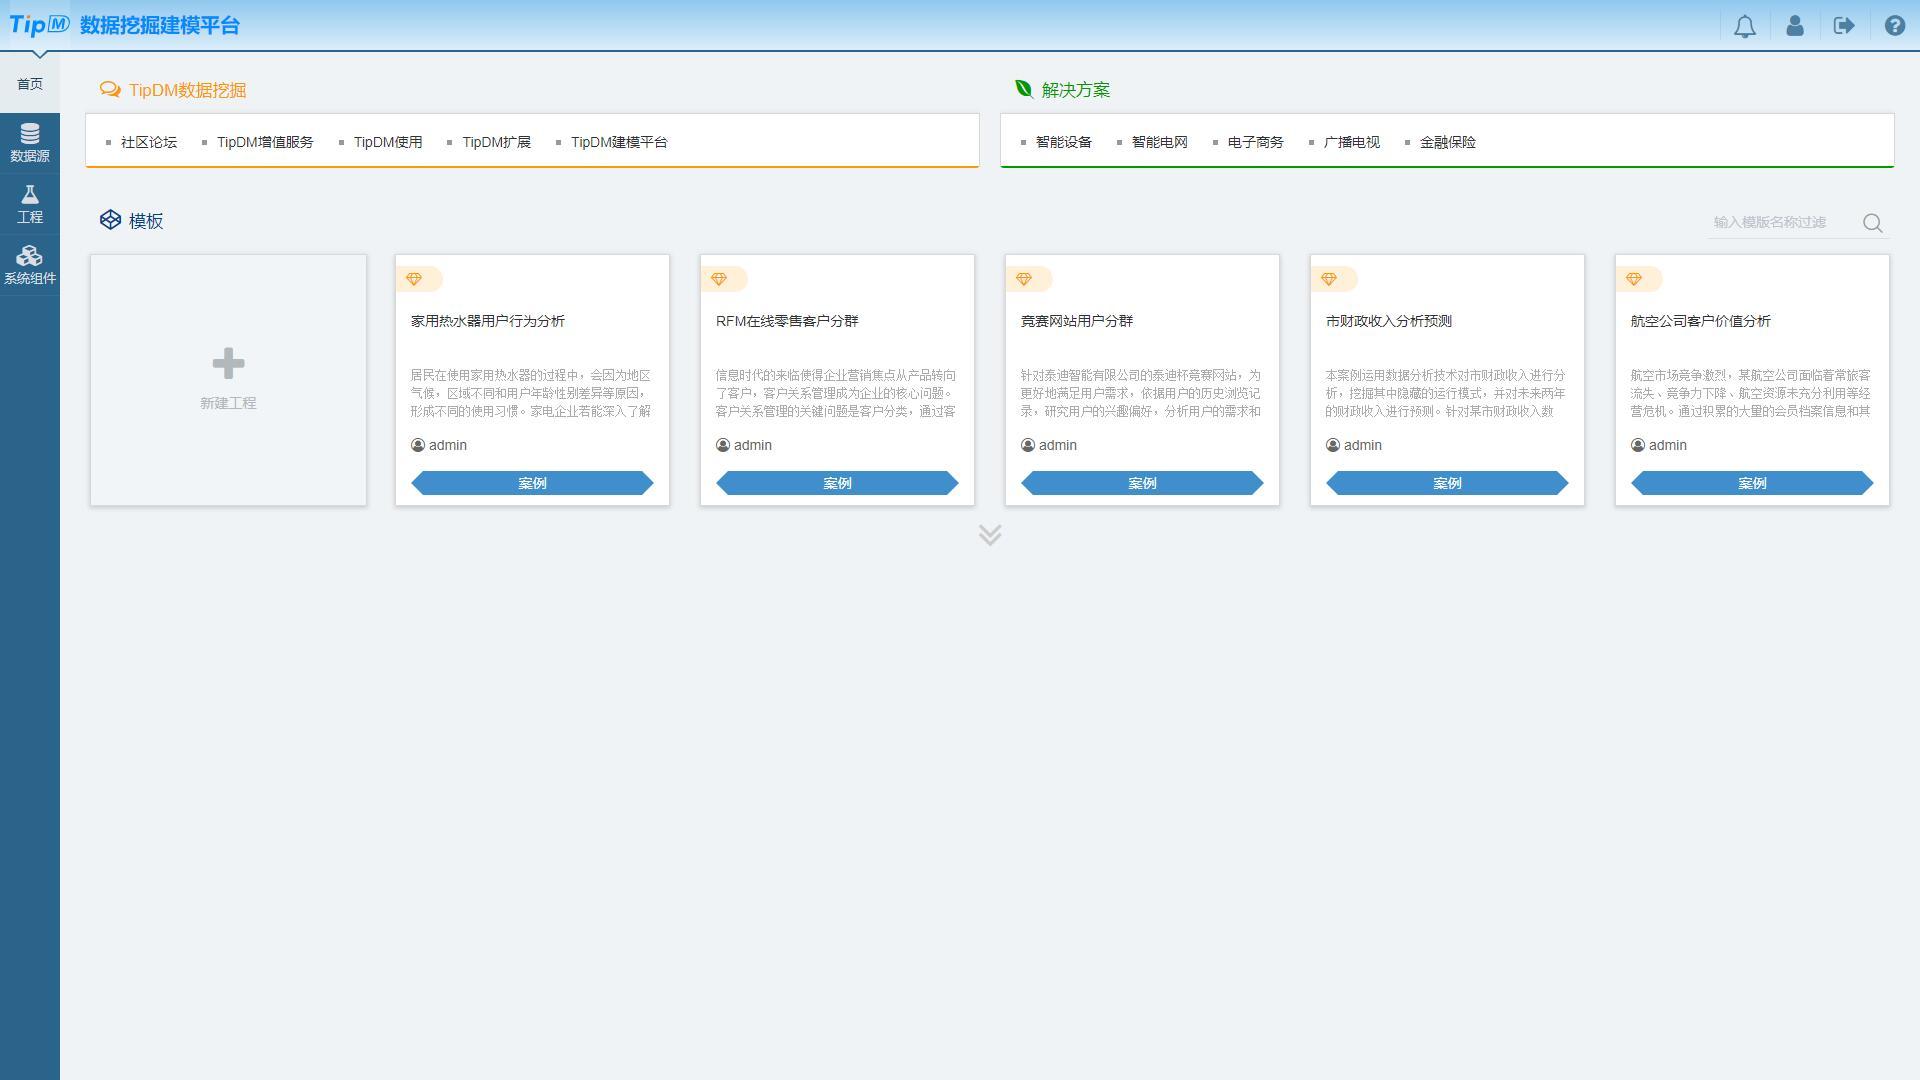 数据库建模平台和挖掘工具 TipDM